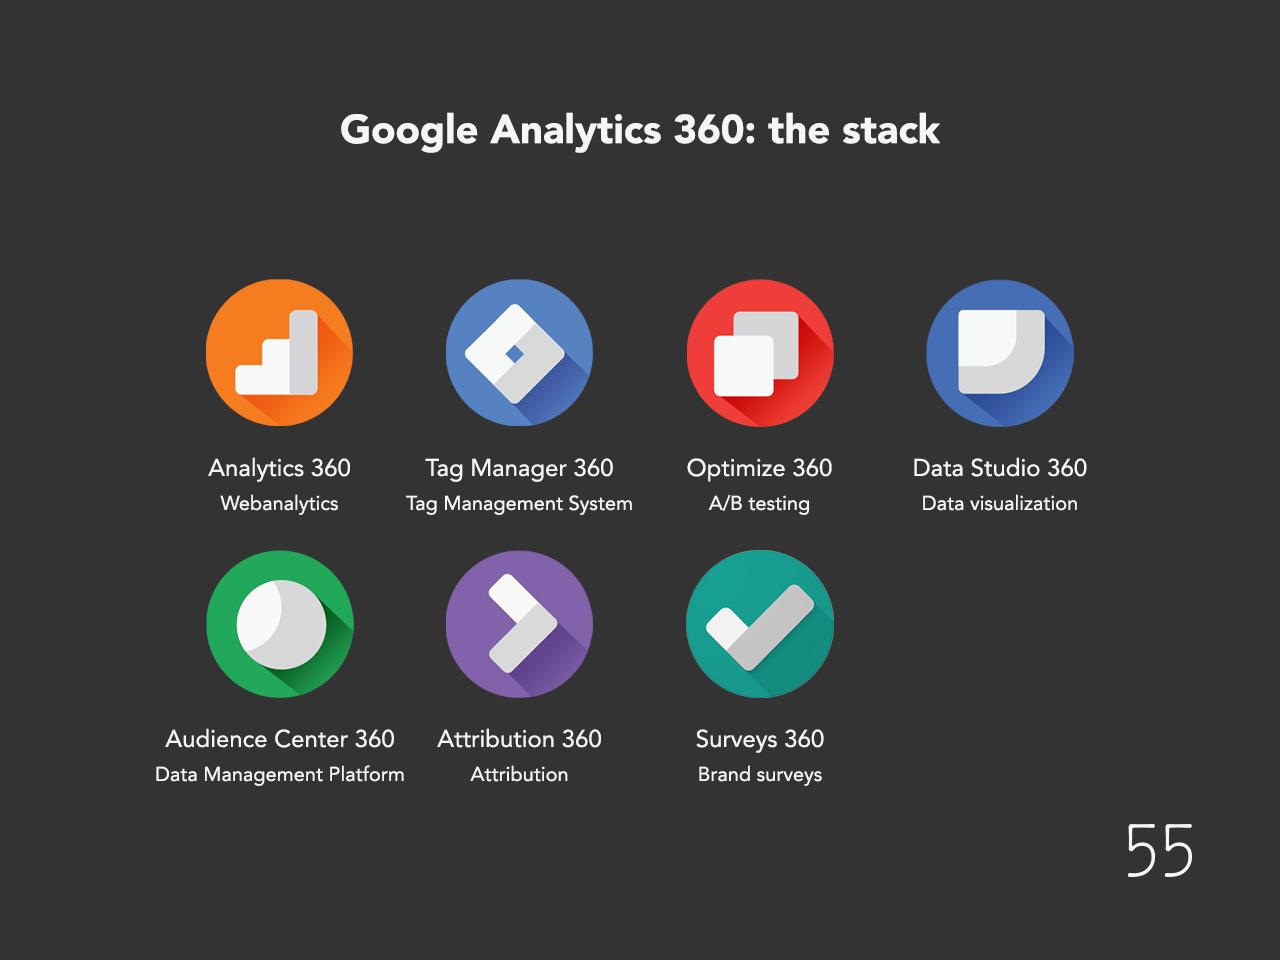 Google Analytics 360 stack